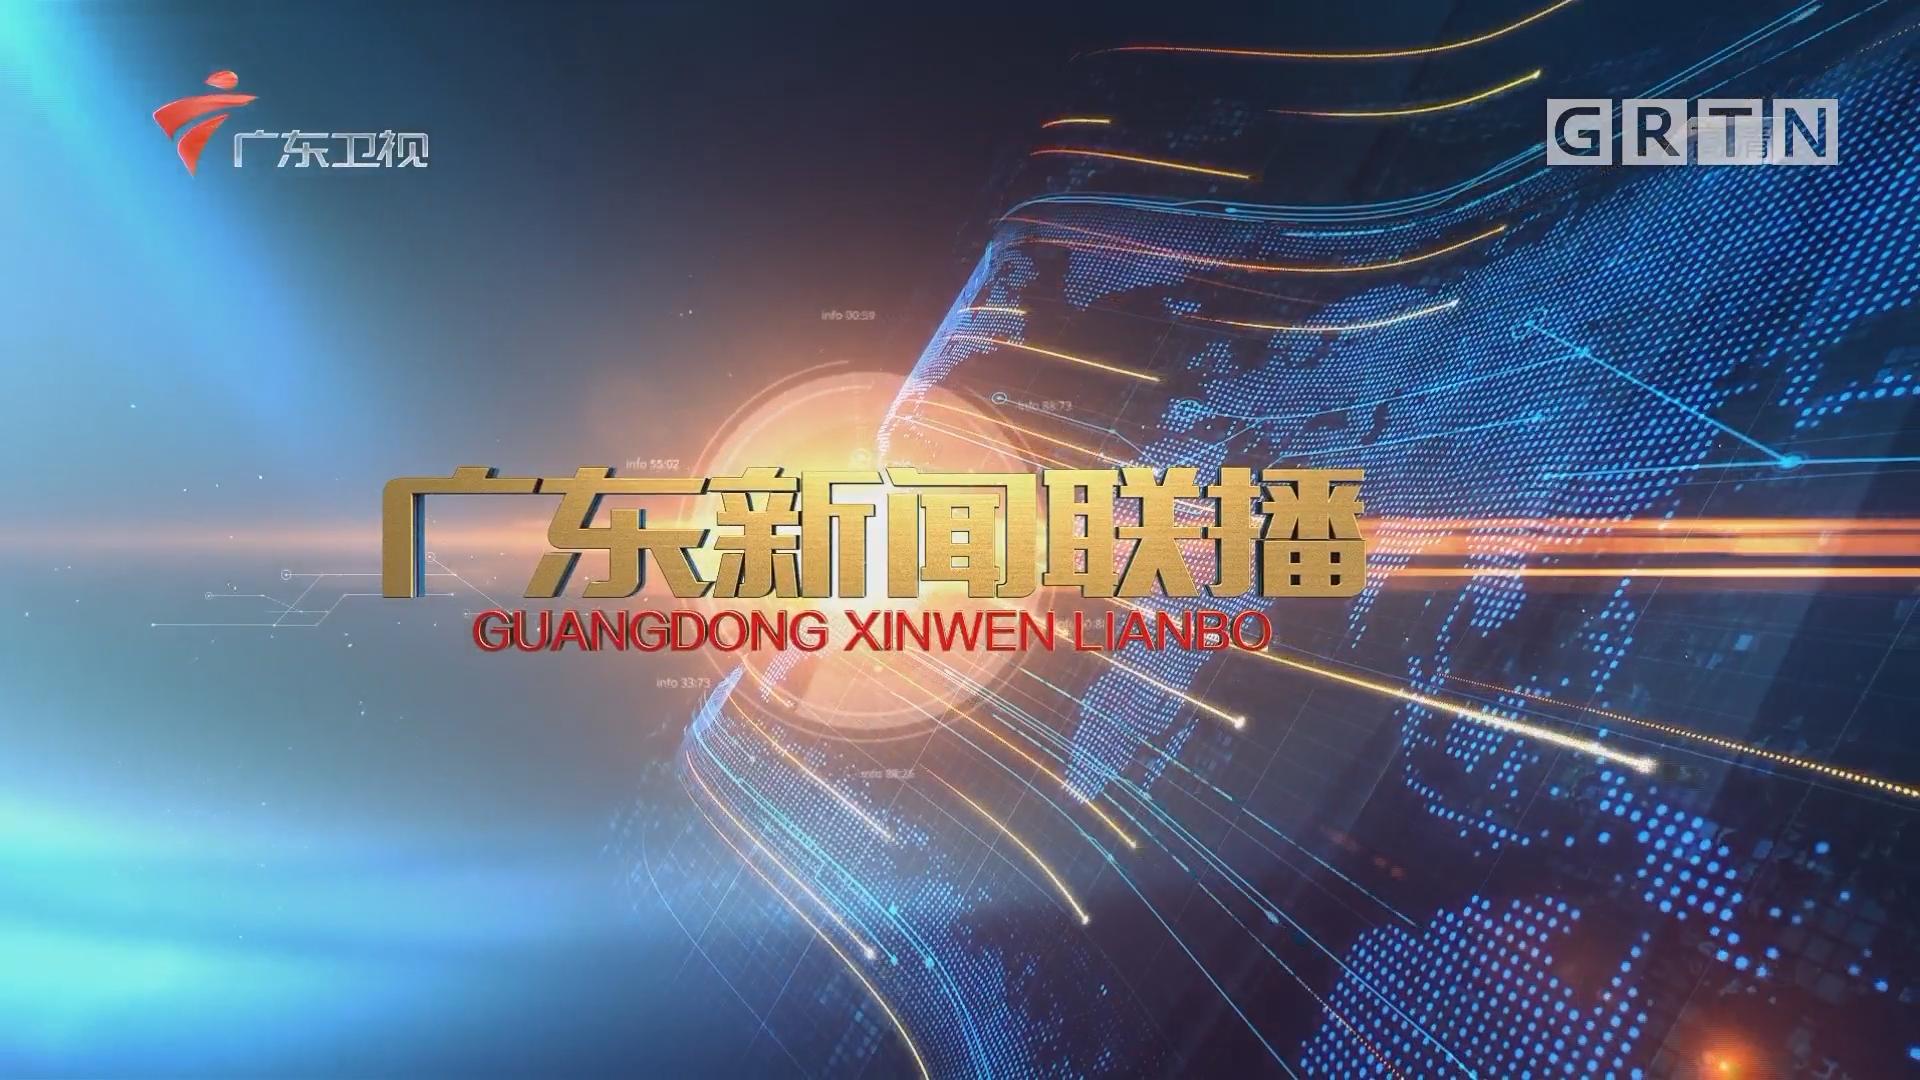 [HD][2018-10-06]广东新闻联播:广州互联网法院:推动审判流程再造和诉讼规则重塑